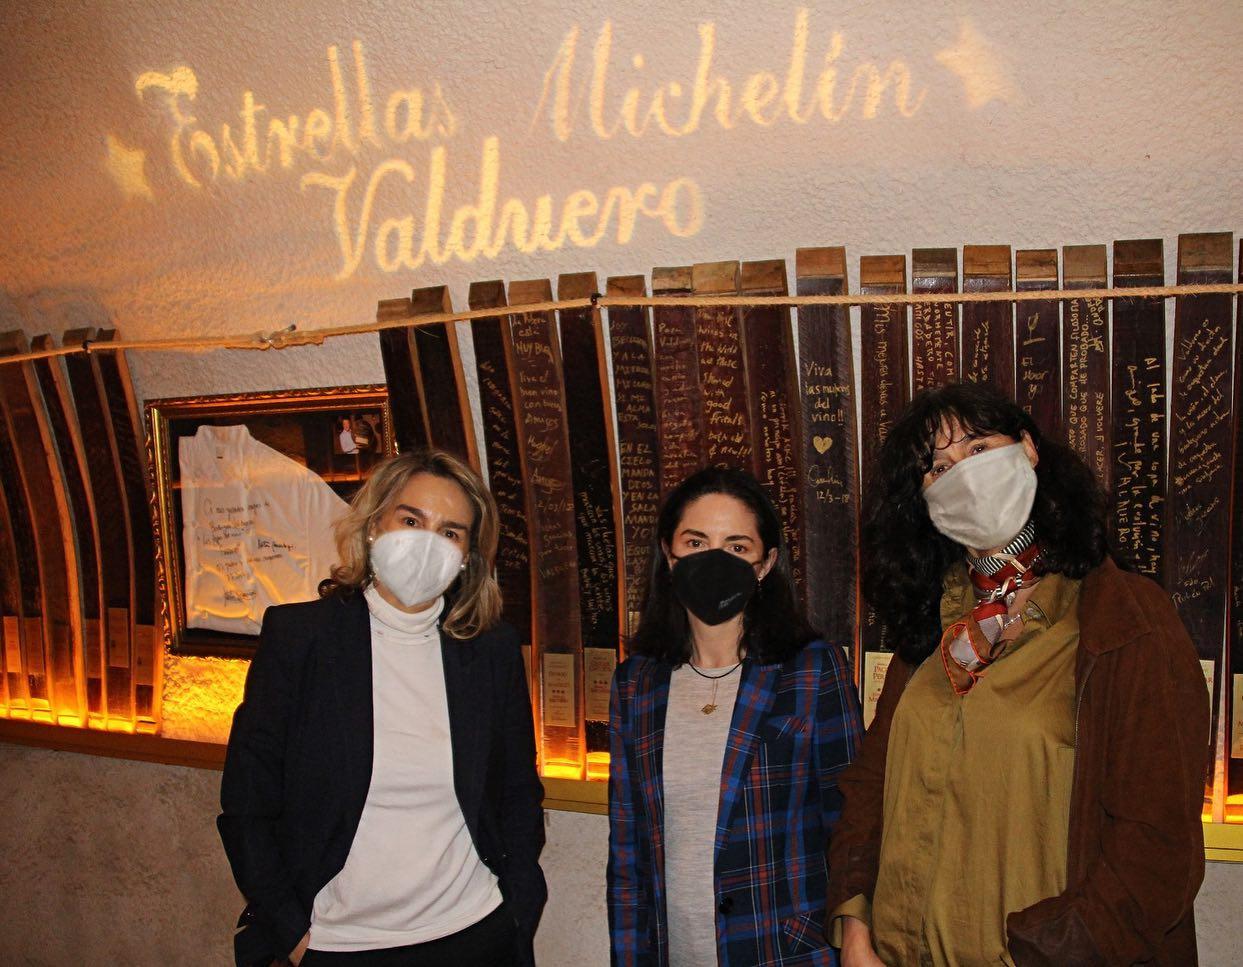 Elena Arzak en Bodegas Valduero. Foto: Bodegas Valduero (vía Facebook)